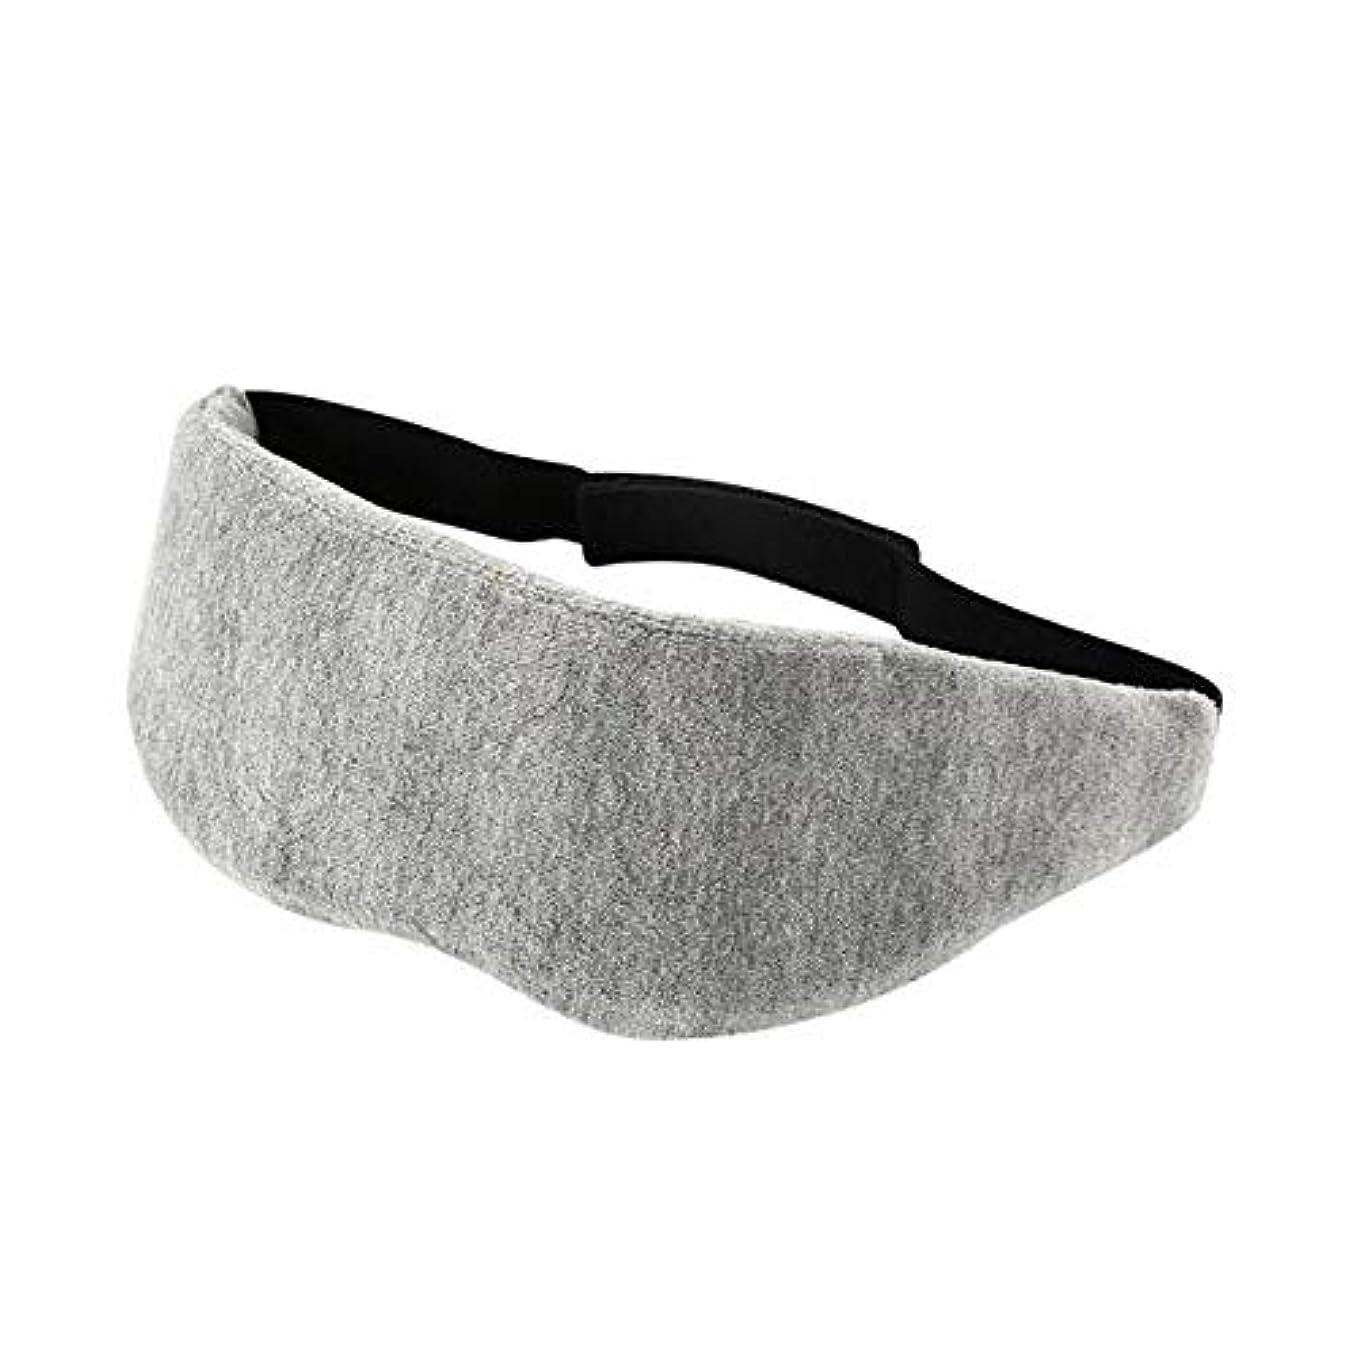 すずめカプセルアフリカHUICHEN ゴーグルに通気性の眼圧を逃がし、目の疲労を遮断厚いメモリ泡、昼寝旅行アーティファクトゴーグルを寝3Dゴーグル (Color : Gray)